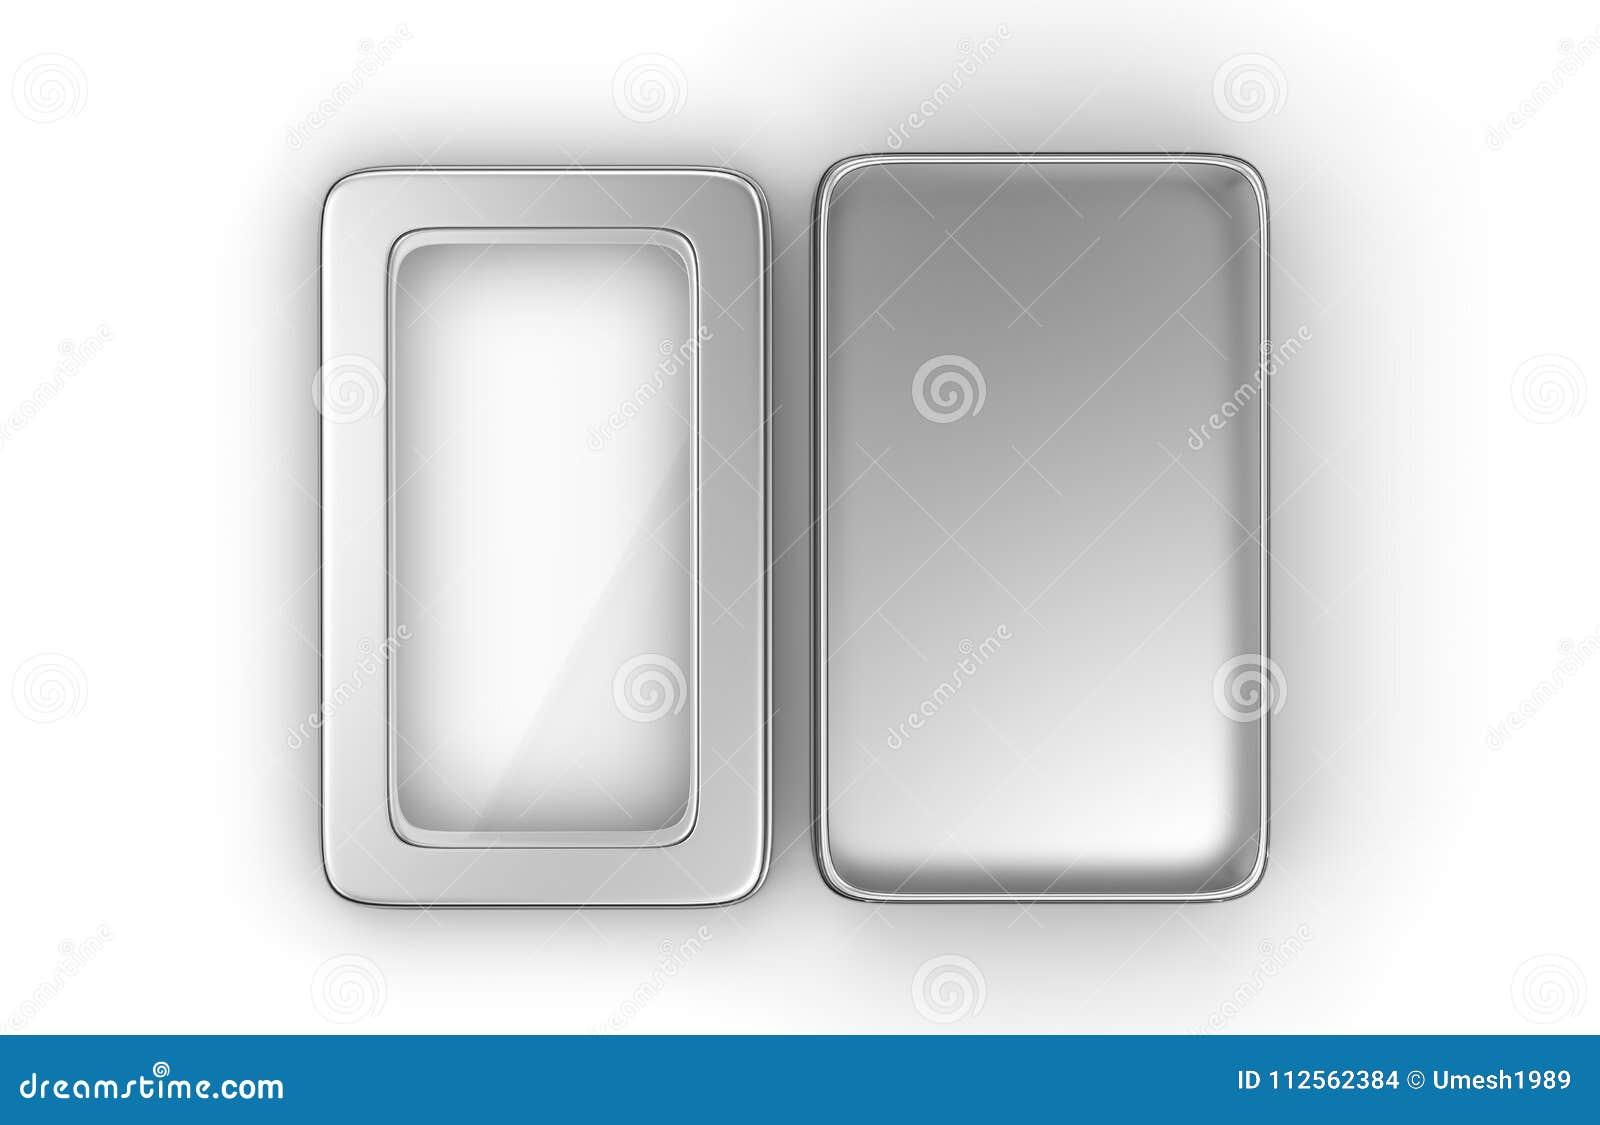 Контейнер коробки металла нержавеющей стали или олова сияющий серебряный с крышкой окна на белой предпосылке для Des насмешки под